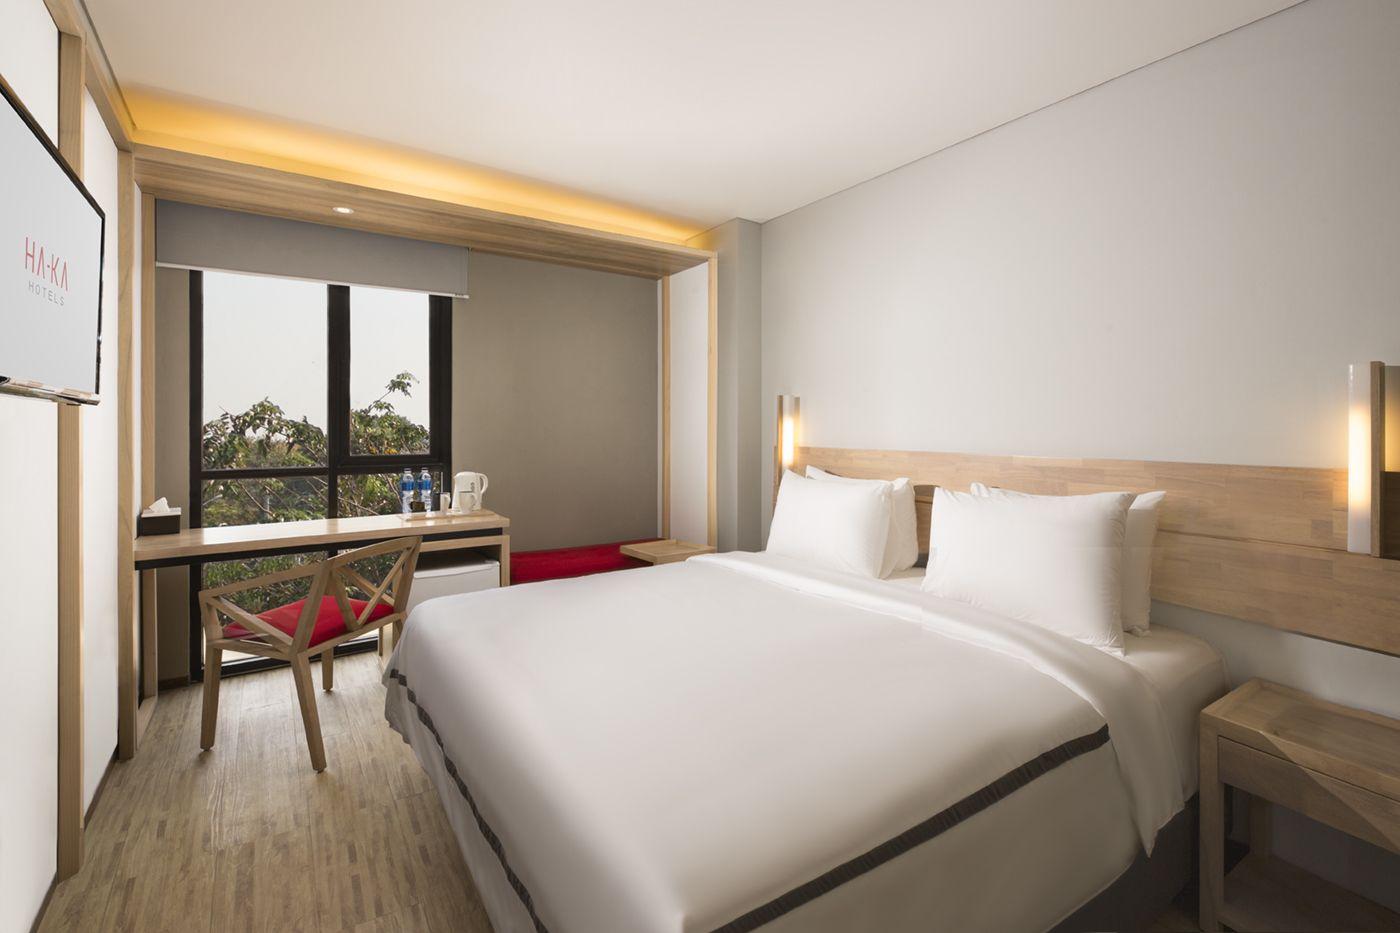 HA-KA Hotel Semarang Managed by Parador, Semarang